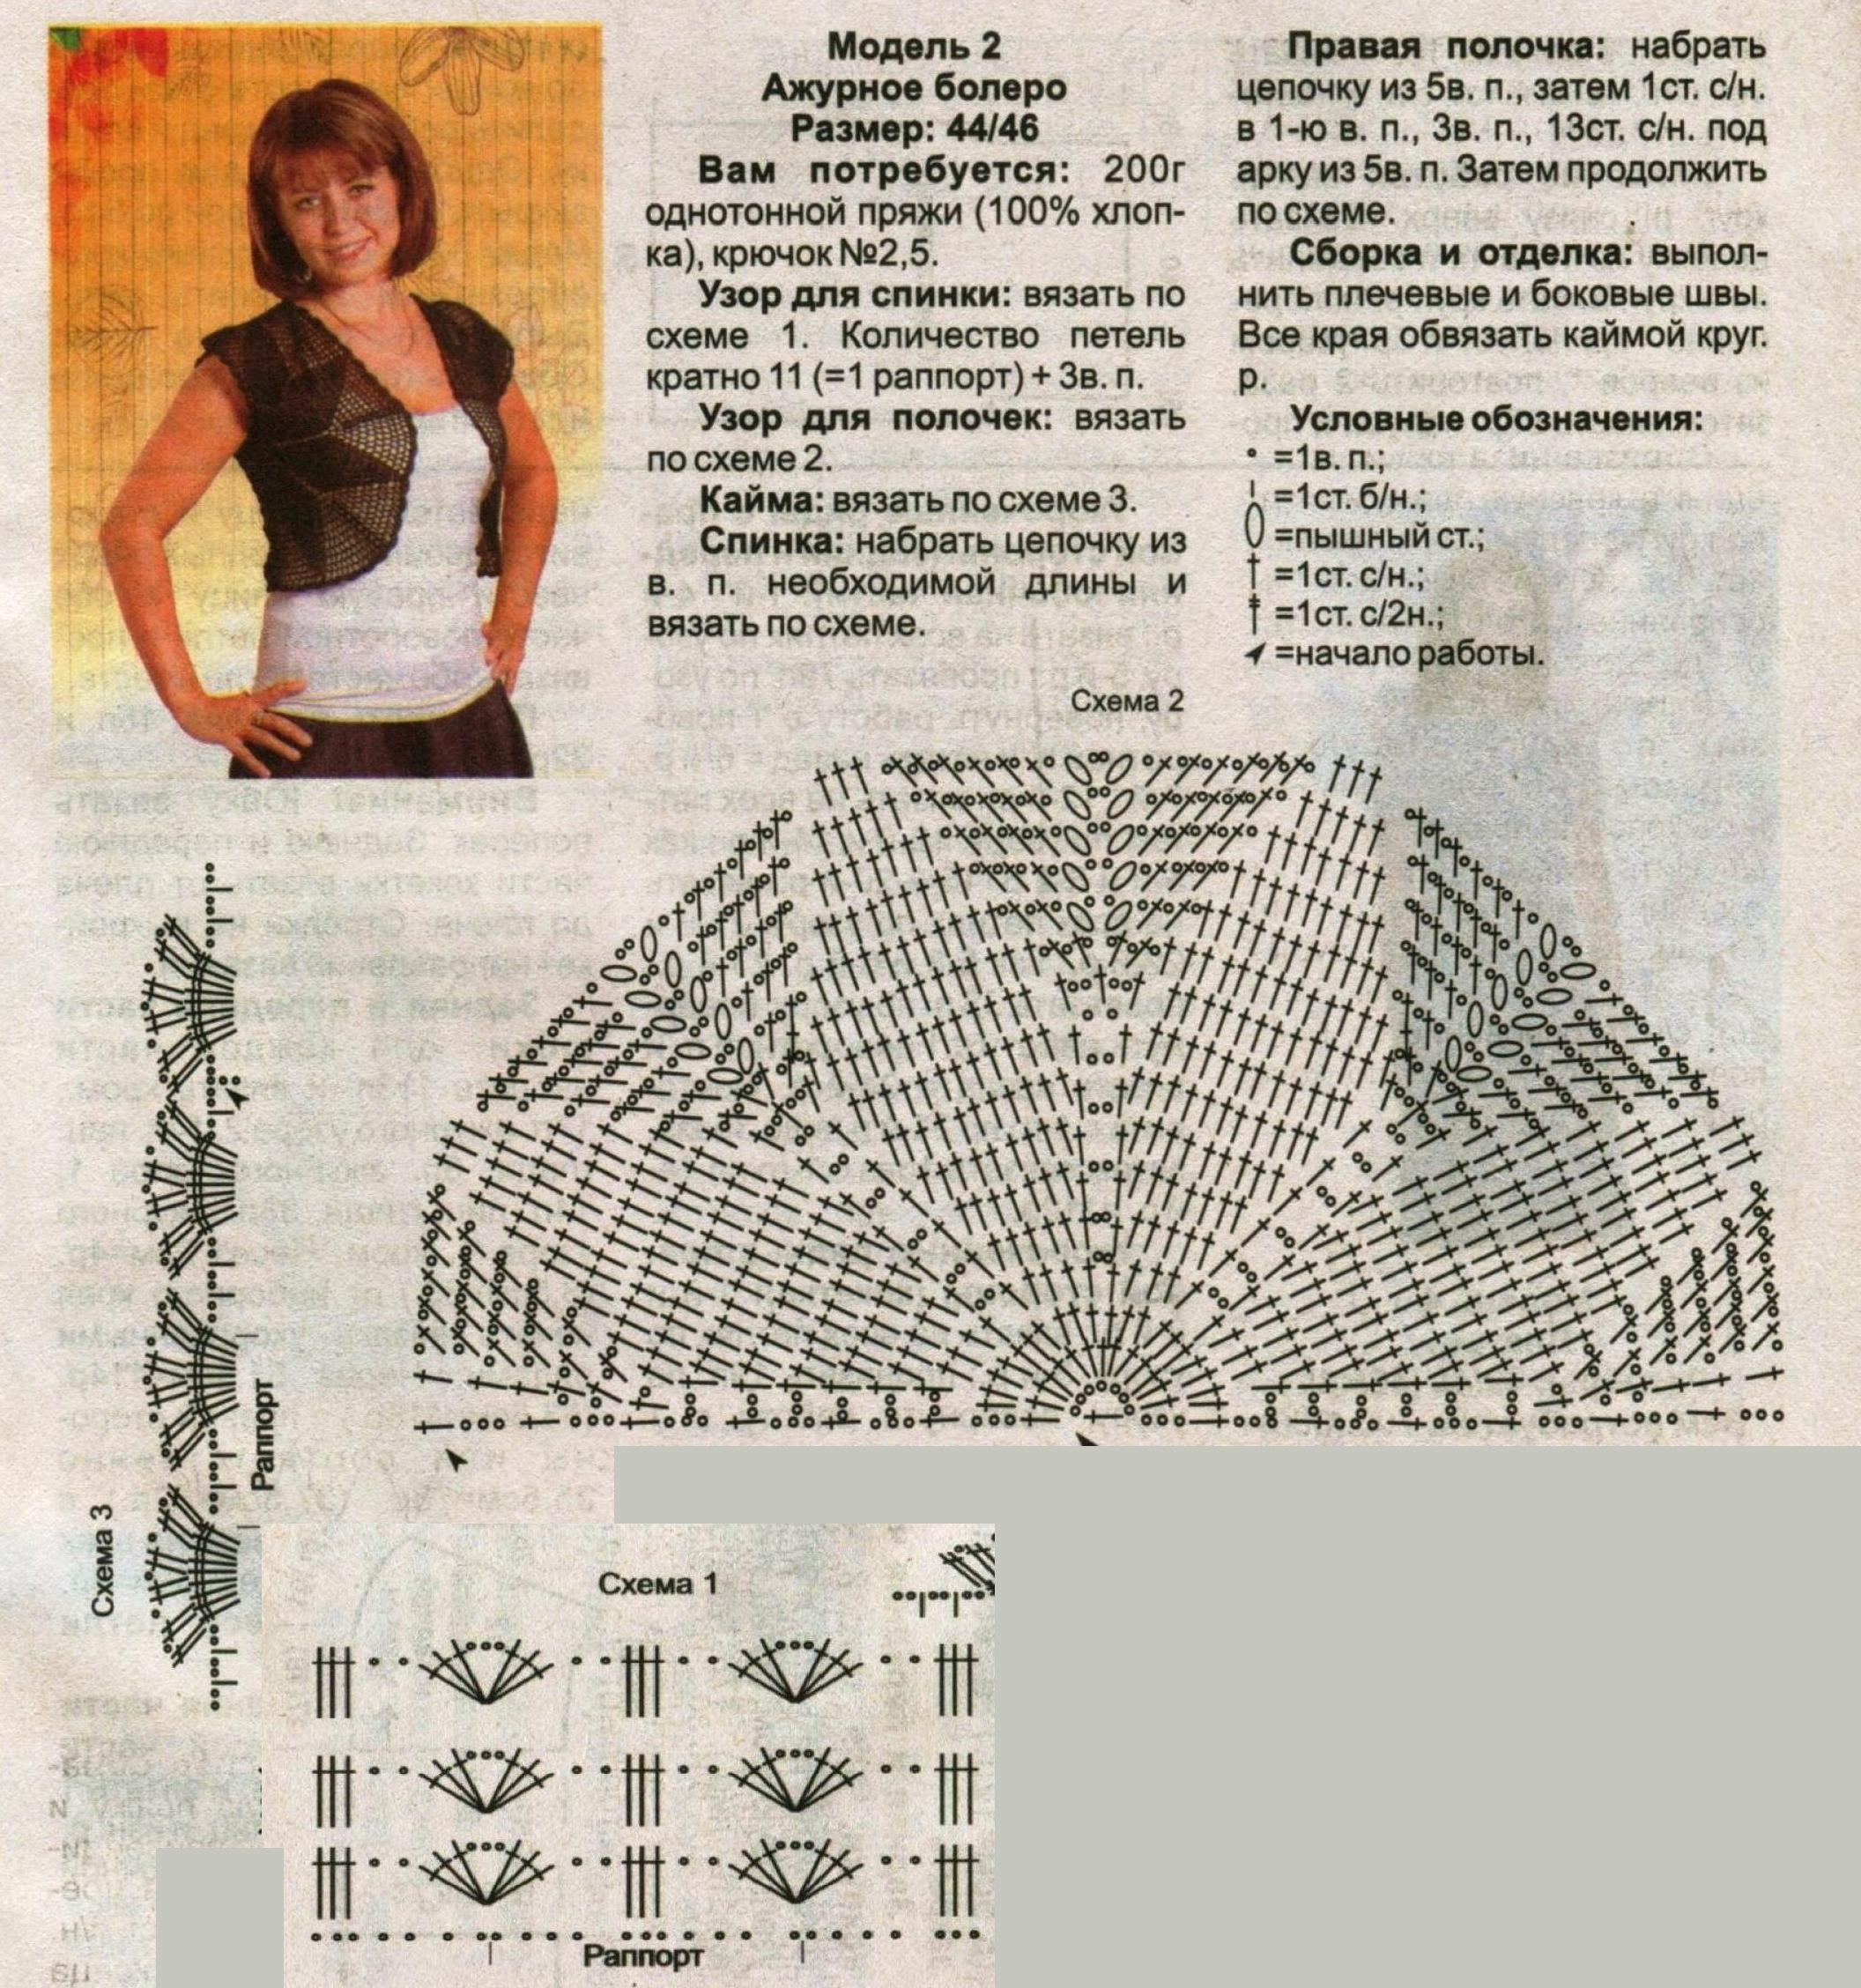 0679_koll-idei6-16_03 (2)